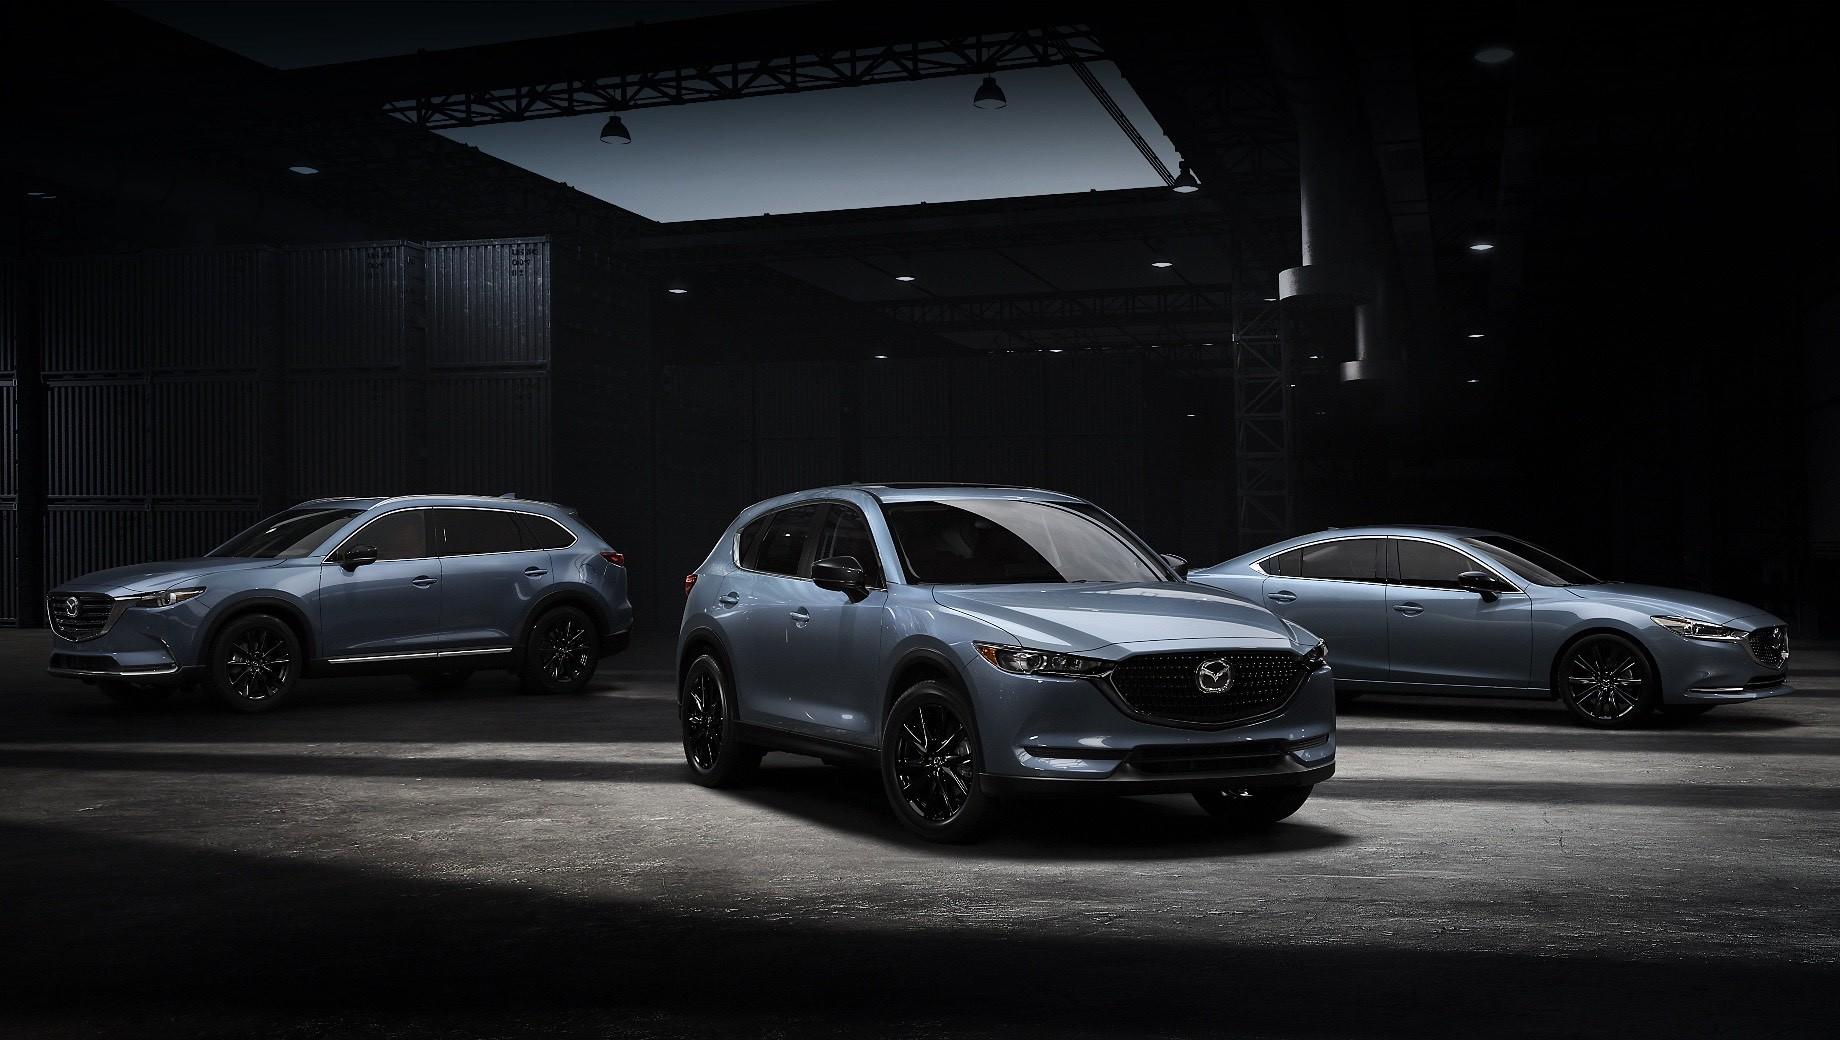 Mazda 3,Mazda 6,Mazda cx-5,Mazda cx-9. Mazda 6, CX-5 и CX-9 в спецверсии Carbon Edition изначально оснащены светодиодной оптикой спереди и сзади, мультимедийной системой с поддержкой Apple CarPlay и Android Auto, аудиосистемой Bose, передними креслами с подогревом, вентиляцией и электроприводом.